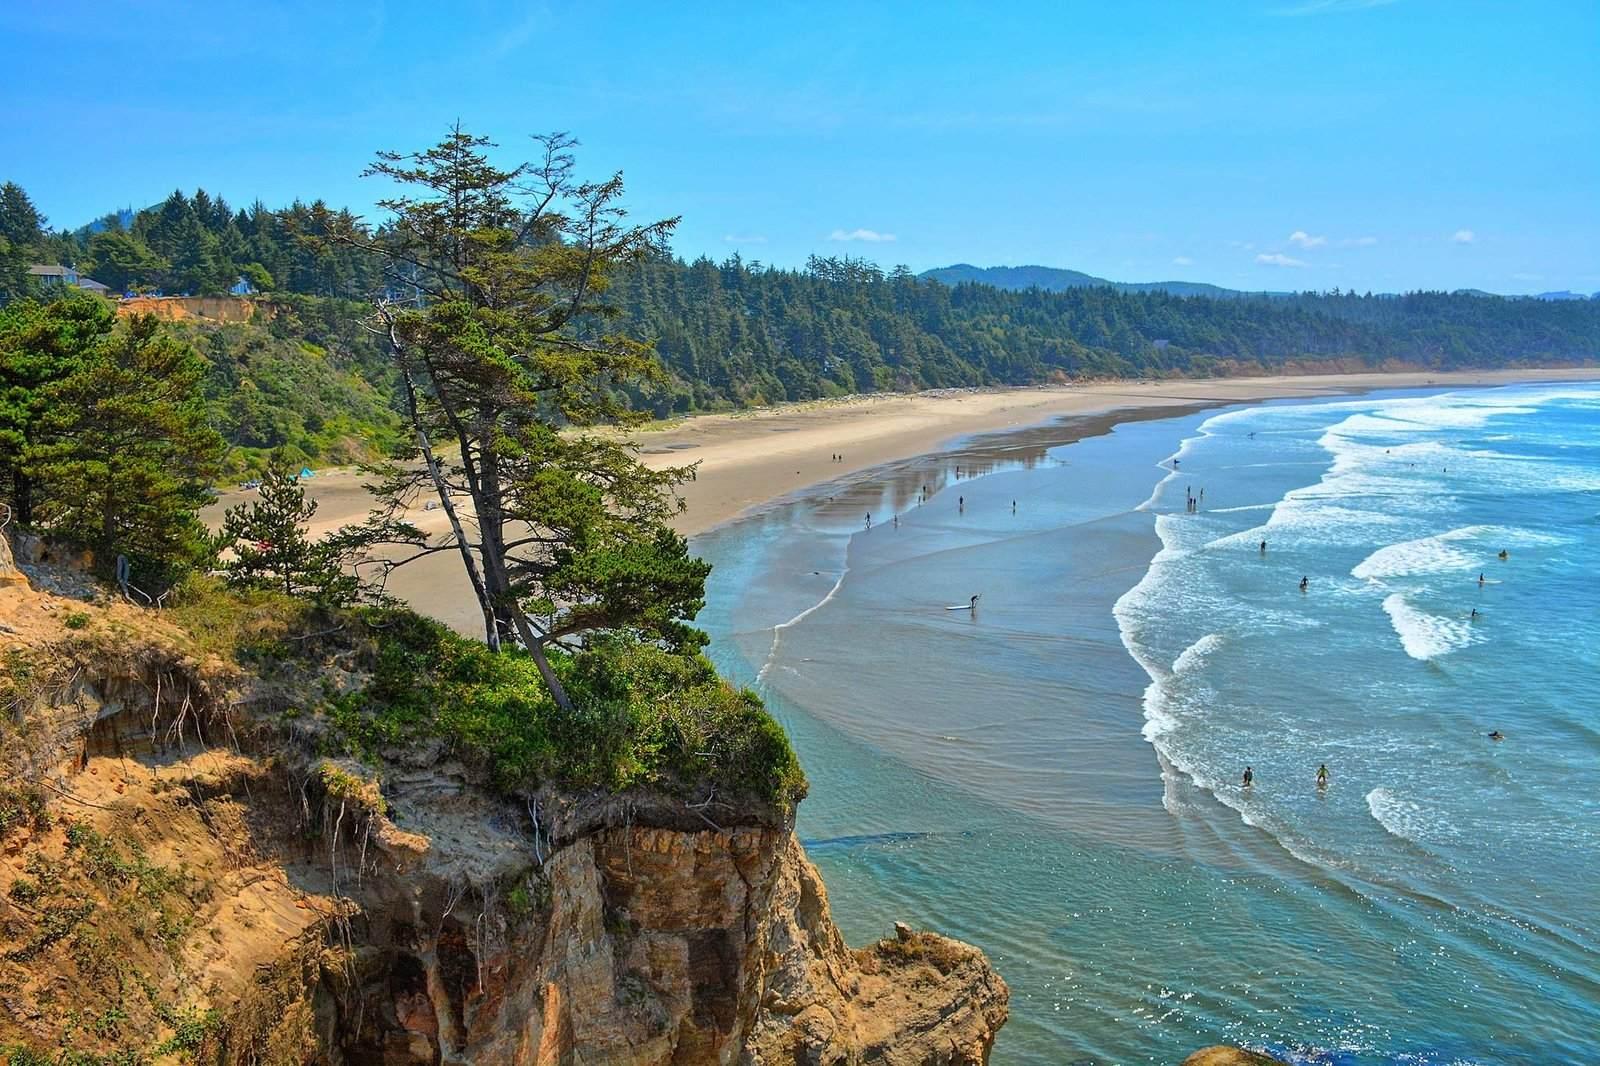 oregon coast12 Day at Oregon Coast